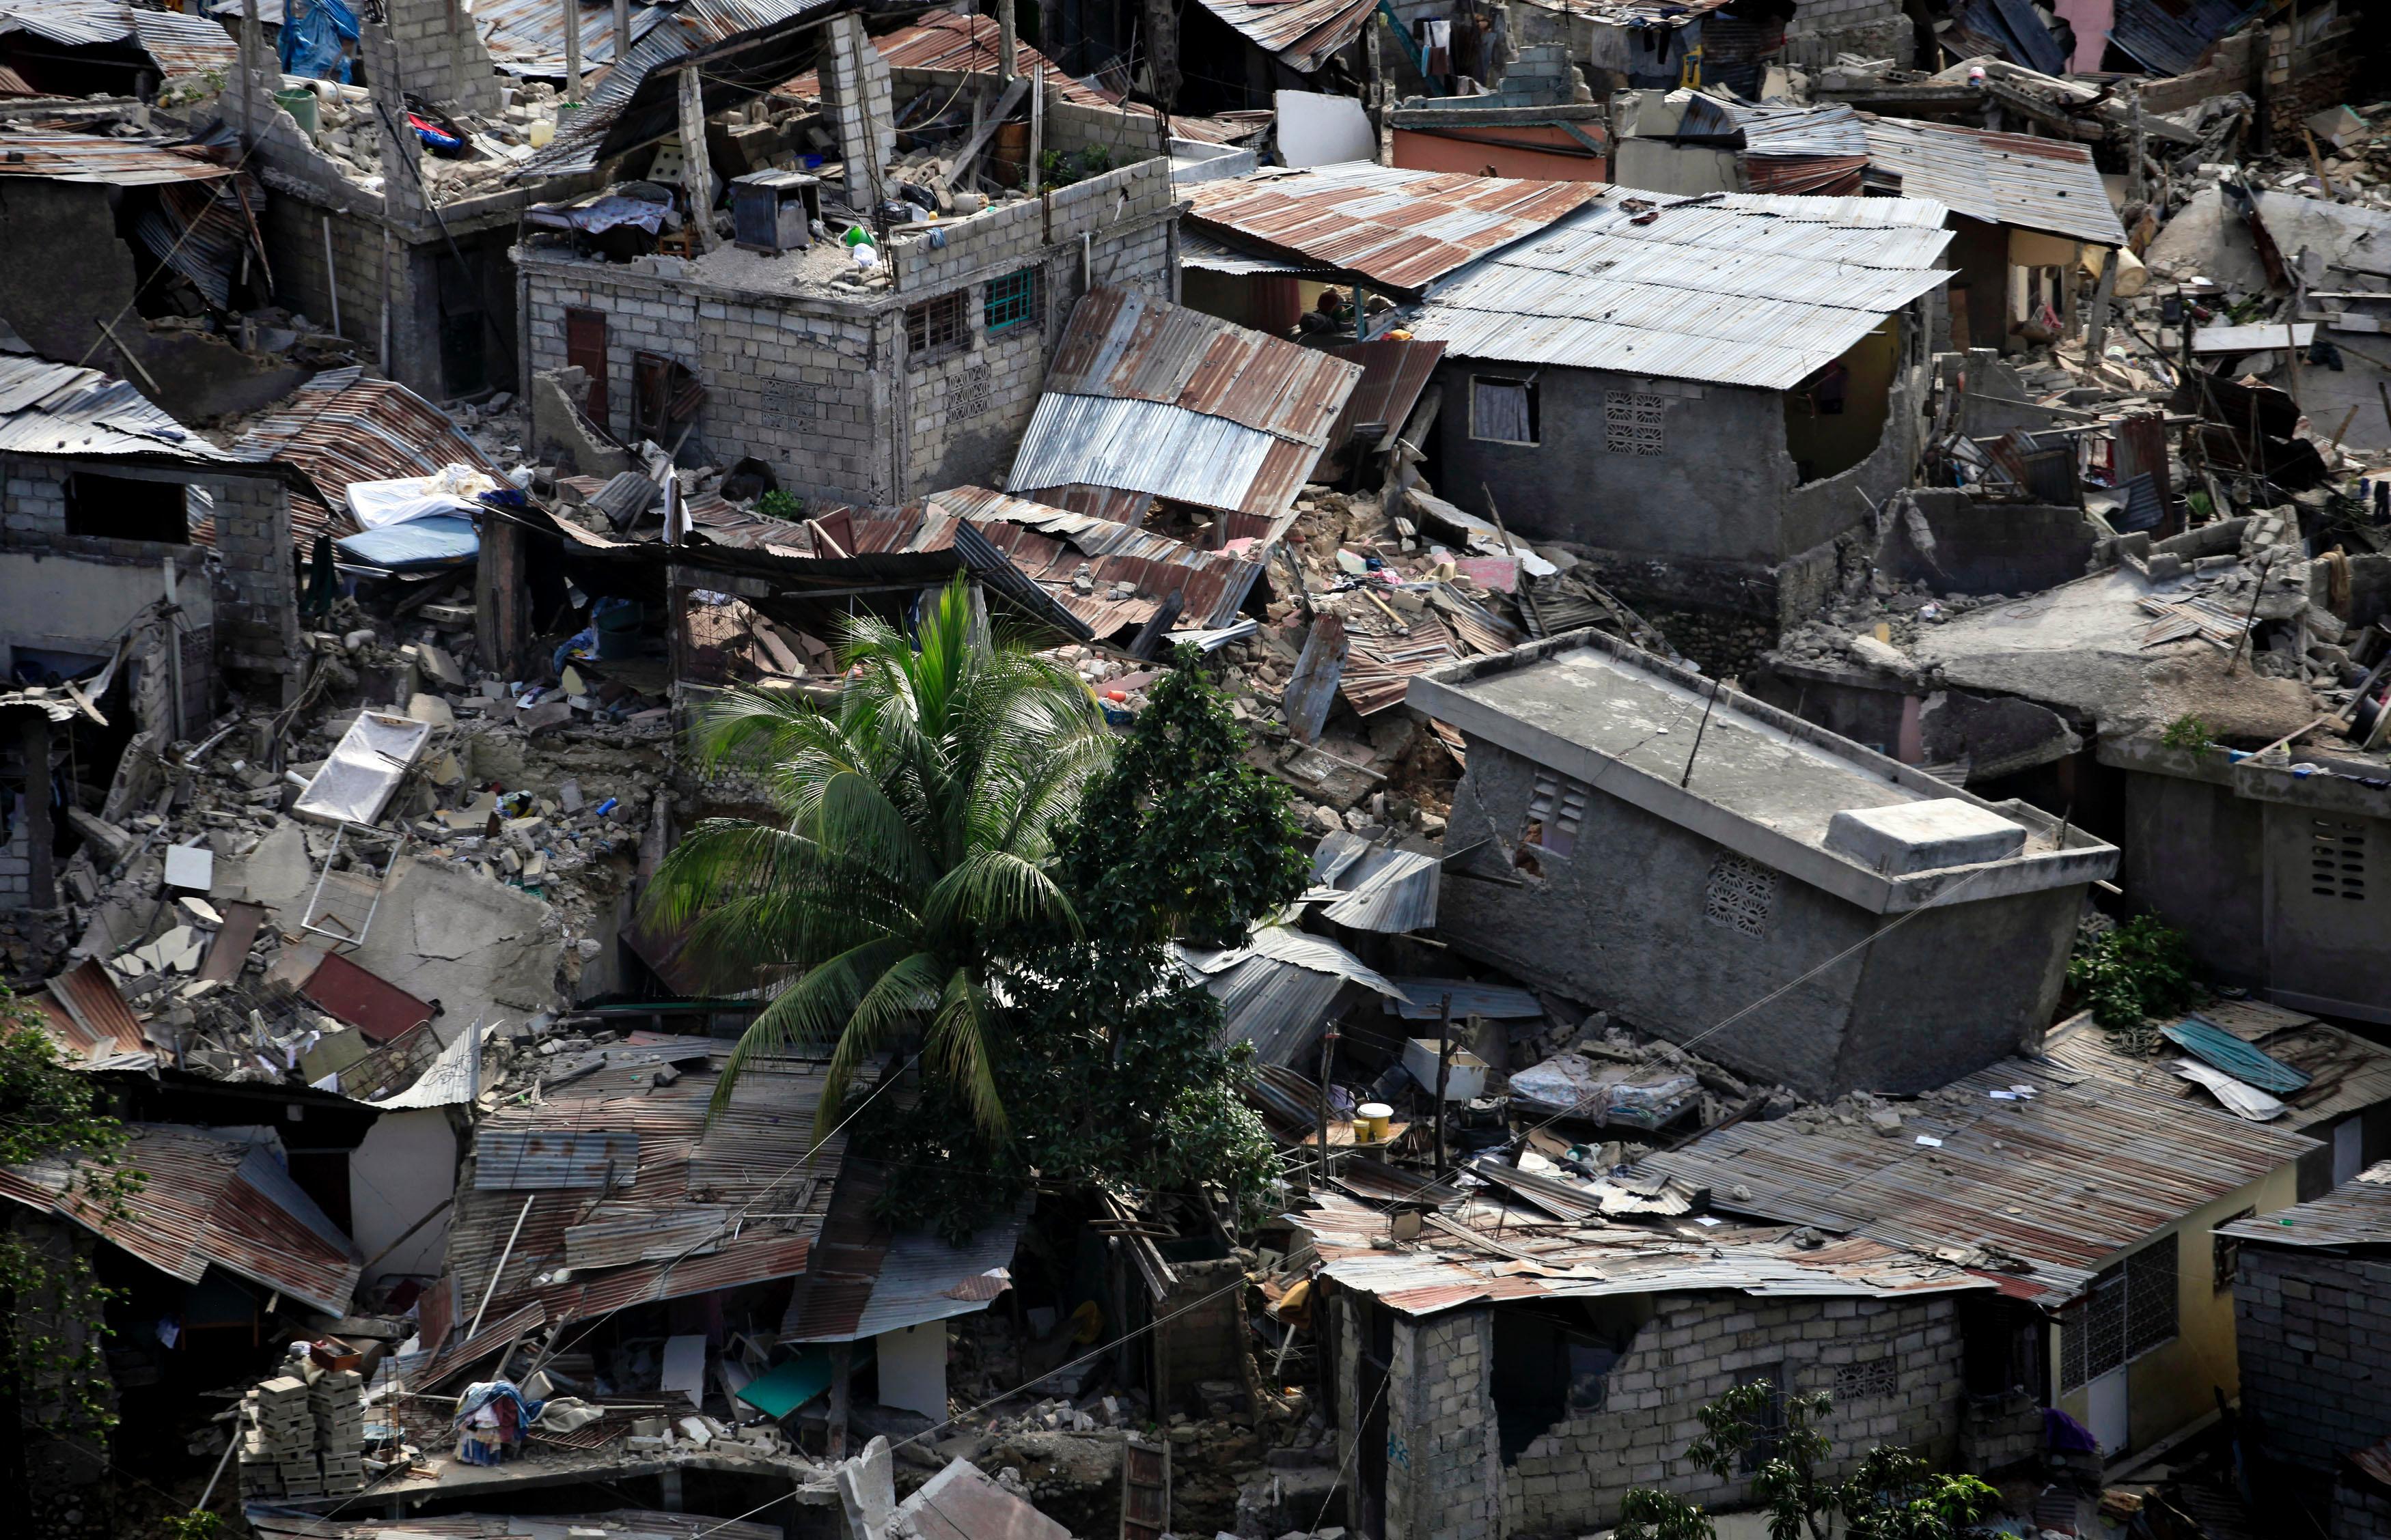 A12 de janeiro de 2010, um terramoto de magnitude 7.0 na escala de Richter abalou o Haiti. Epicentro foi perto de Port-au-Prince, a capital. 3 500 000 pessoas foram afetadas com o terramoto.